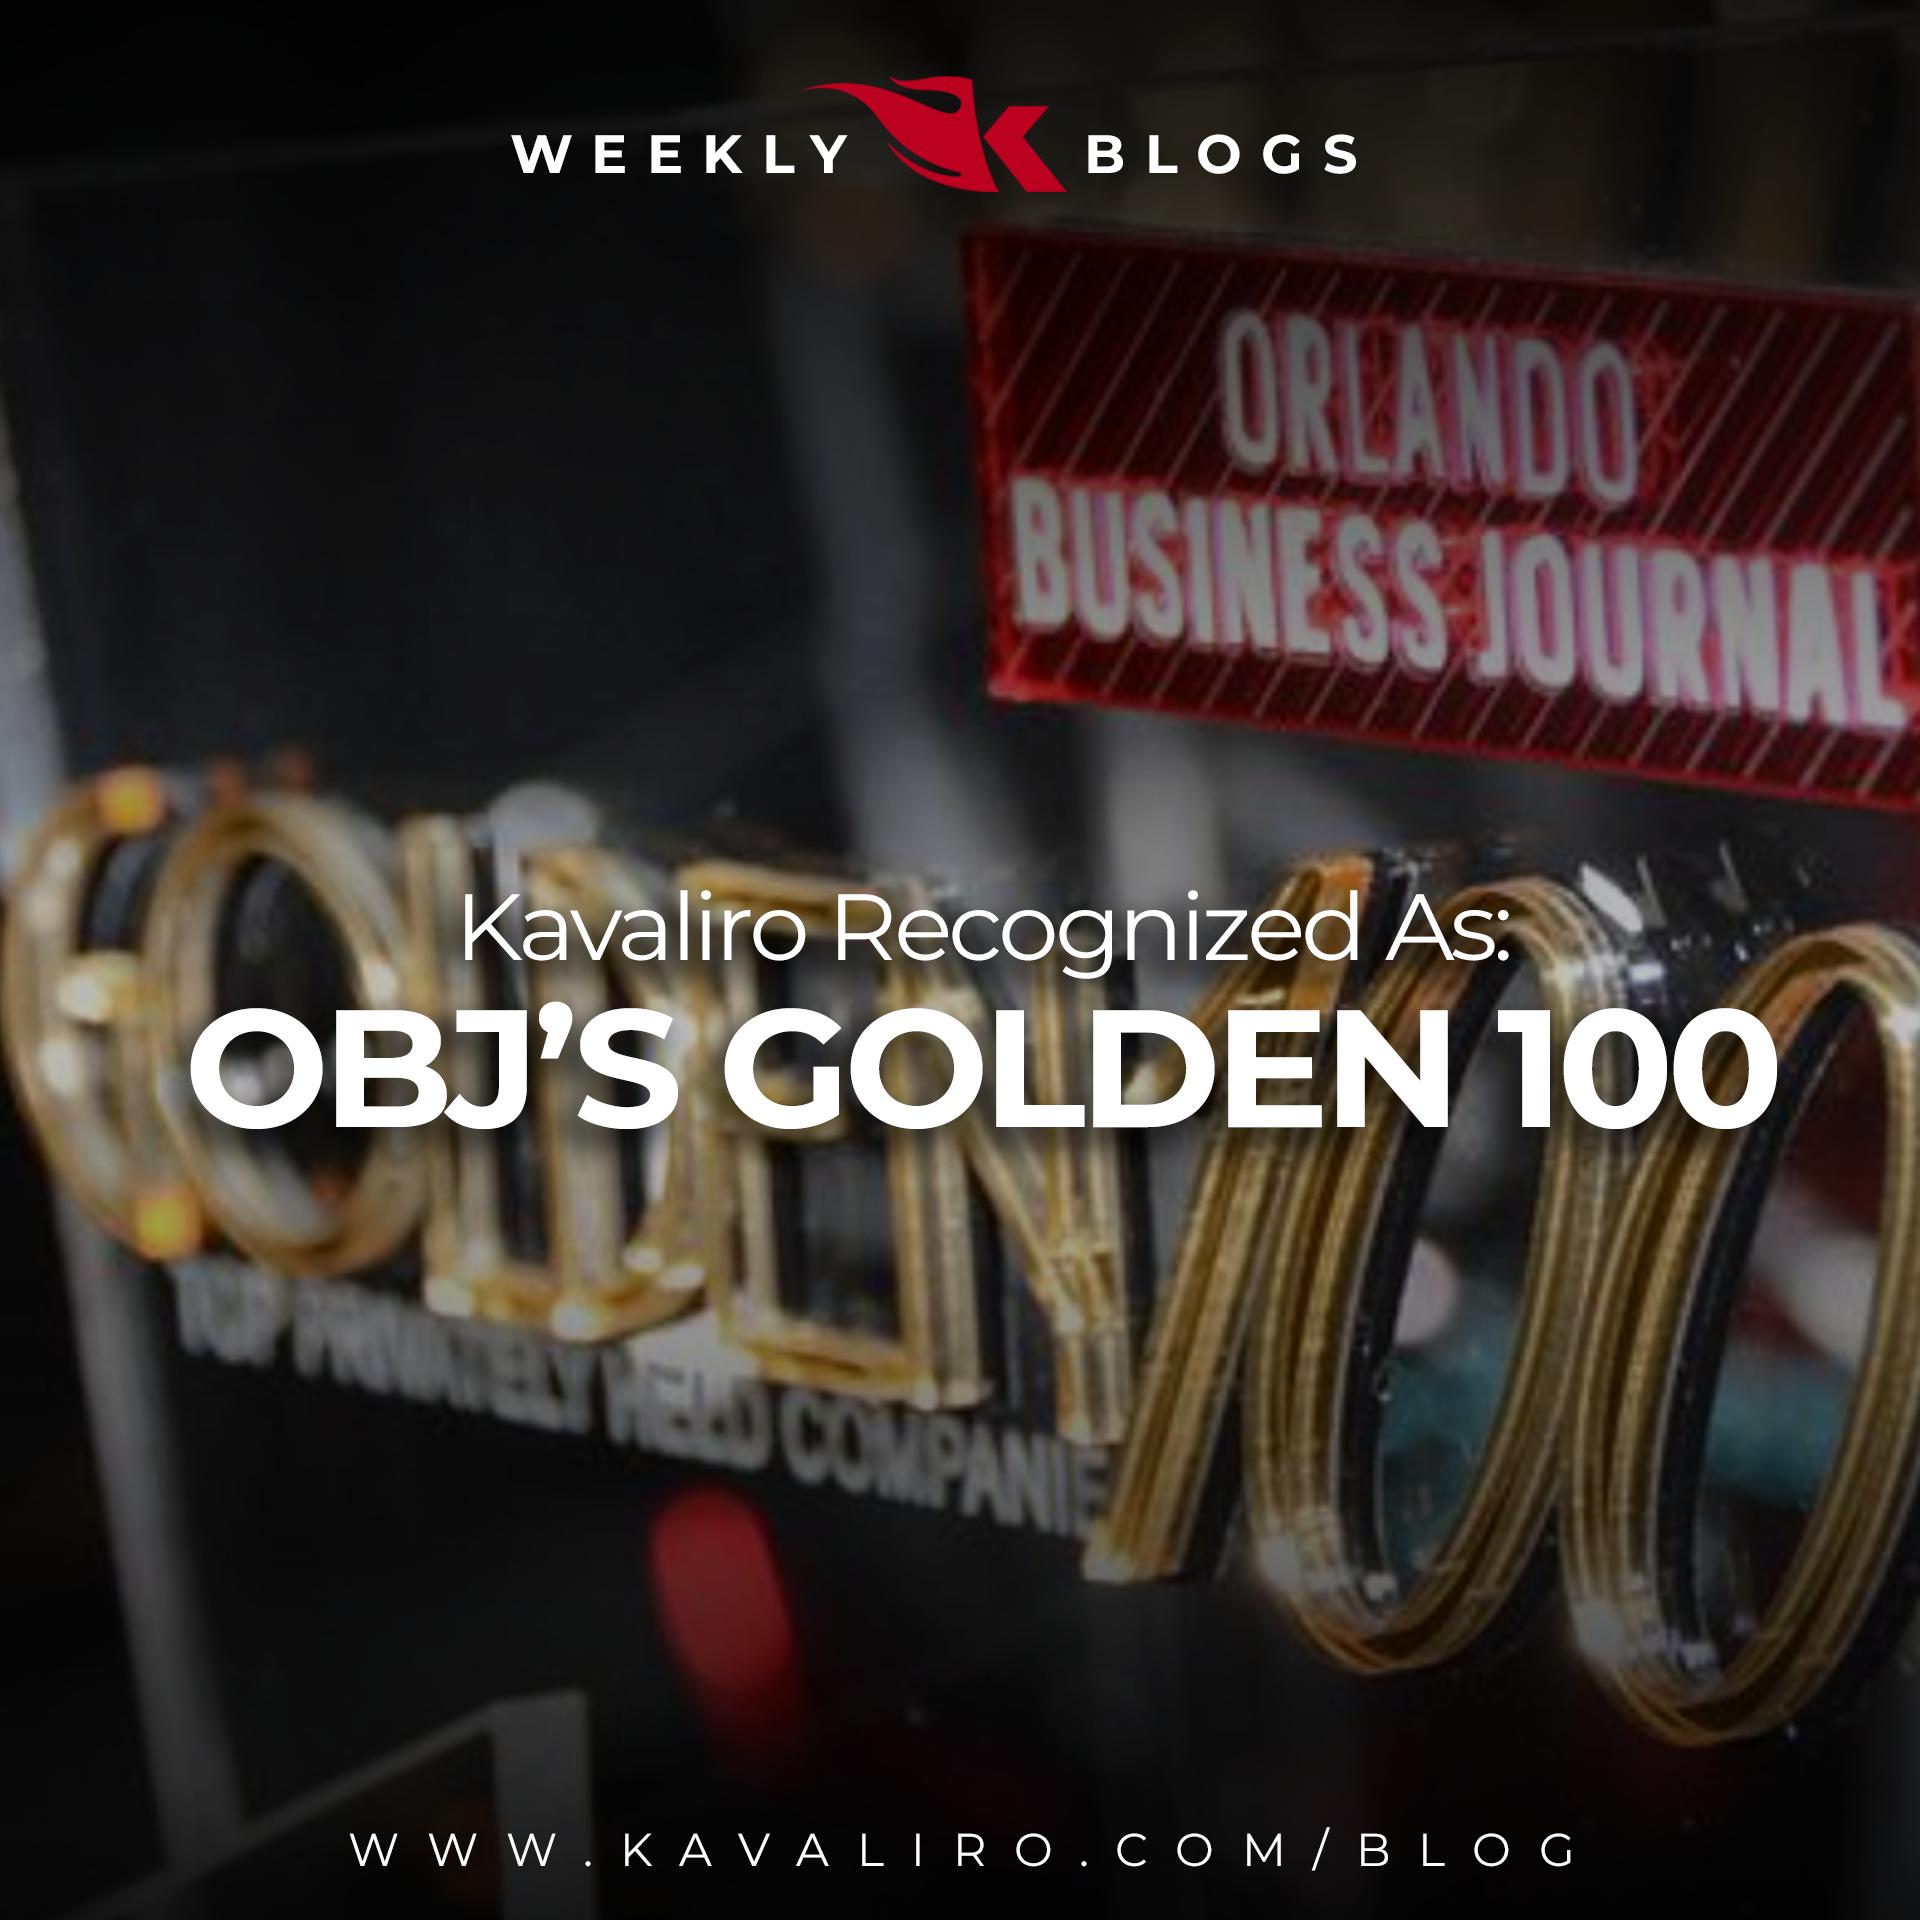 Kavaliro Named One of Orlando Business Journal's Golden 100 in 2021